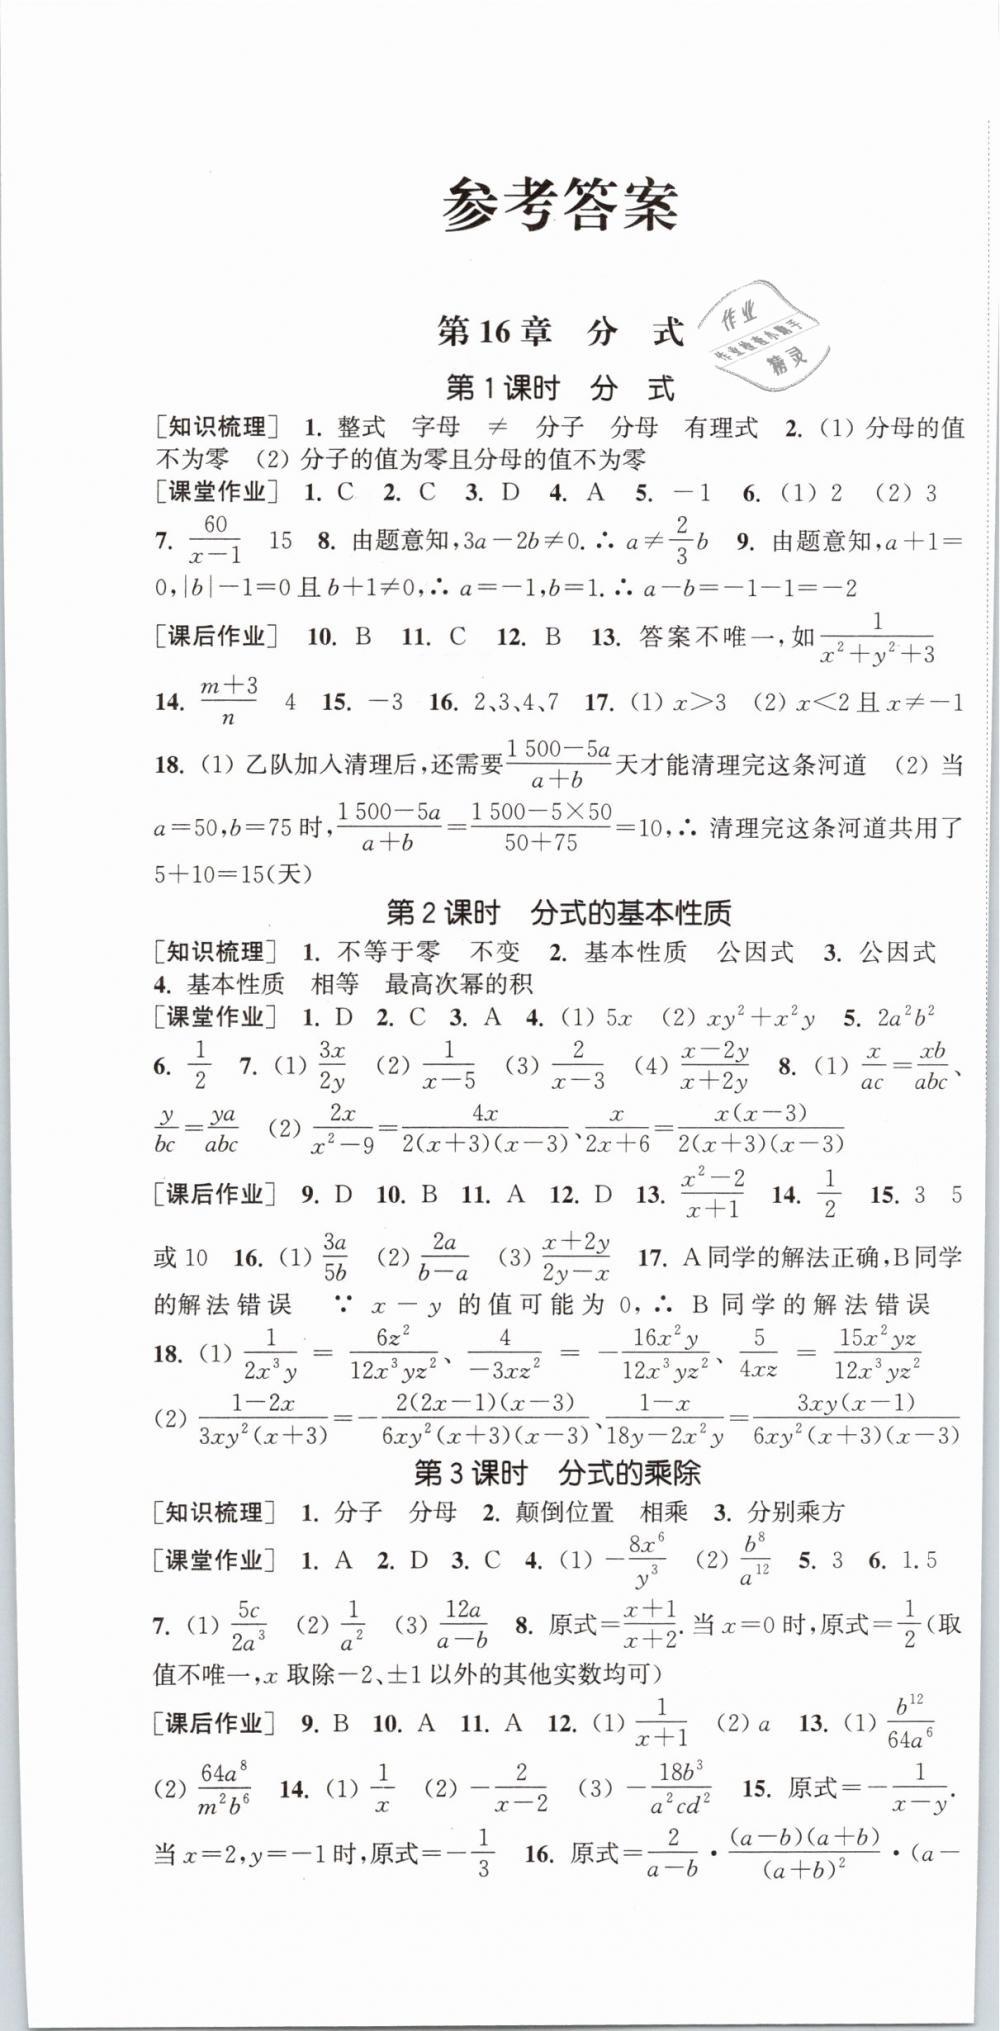 2019年通城学典课时作业本八年级数学下册华师大版第1页